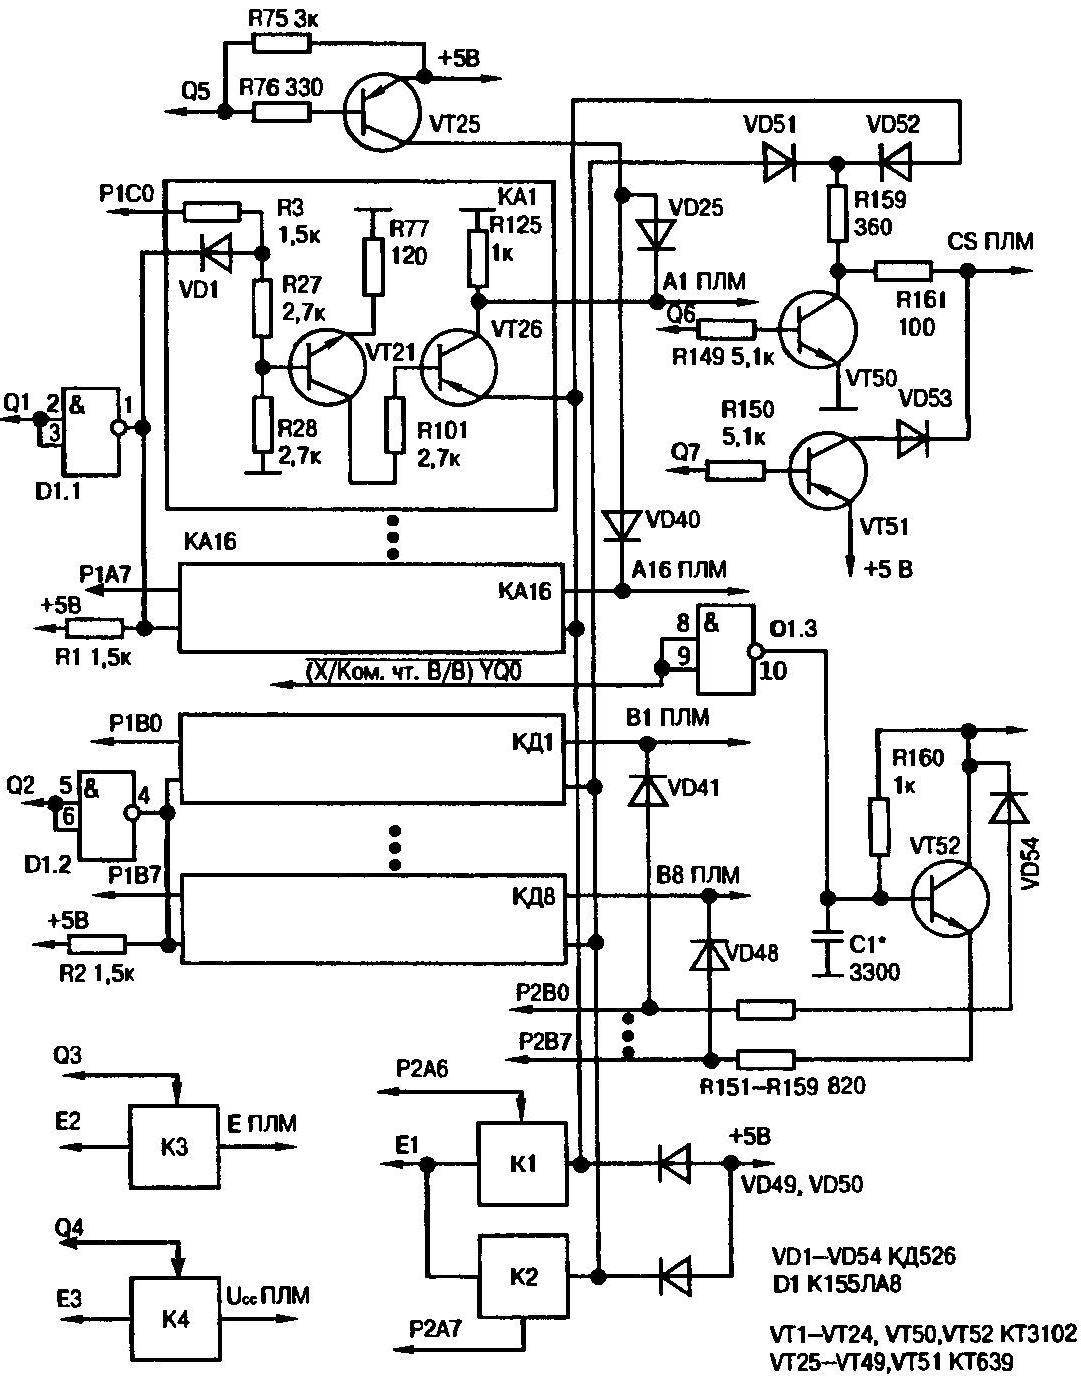 Programmator For Chips